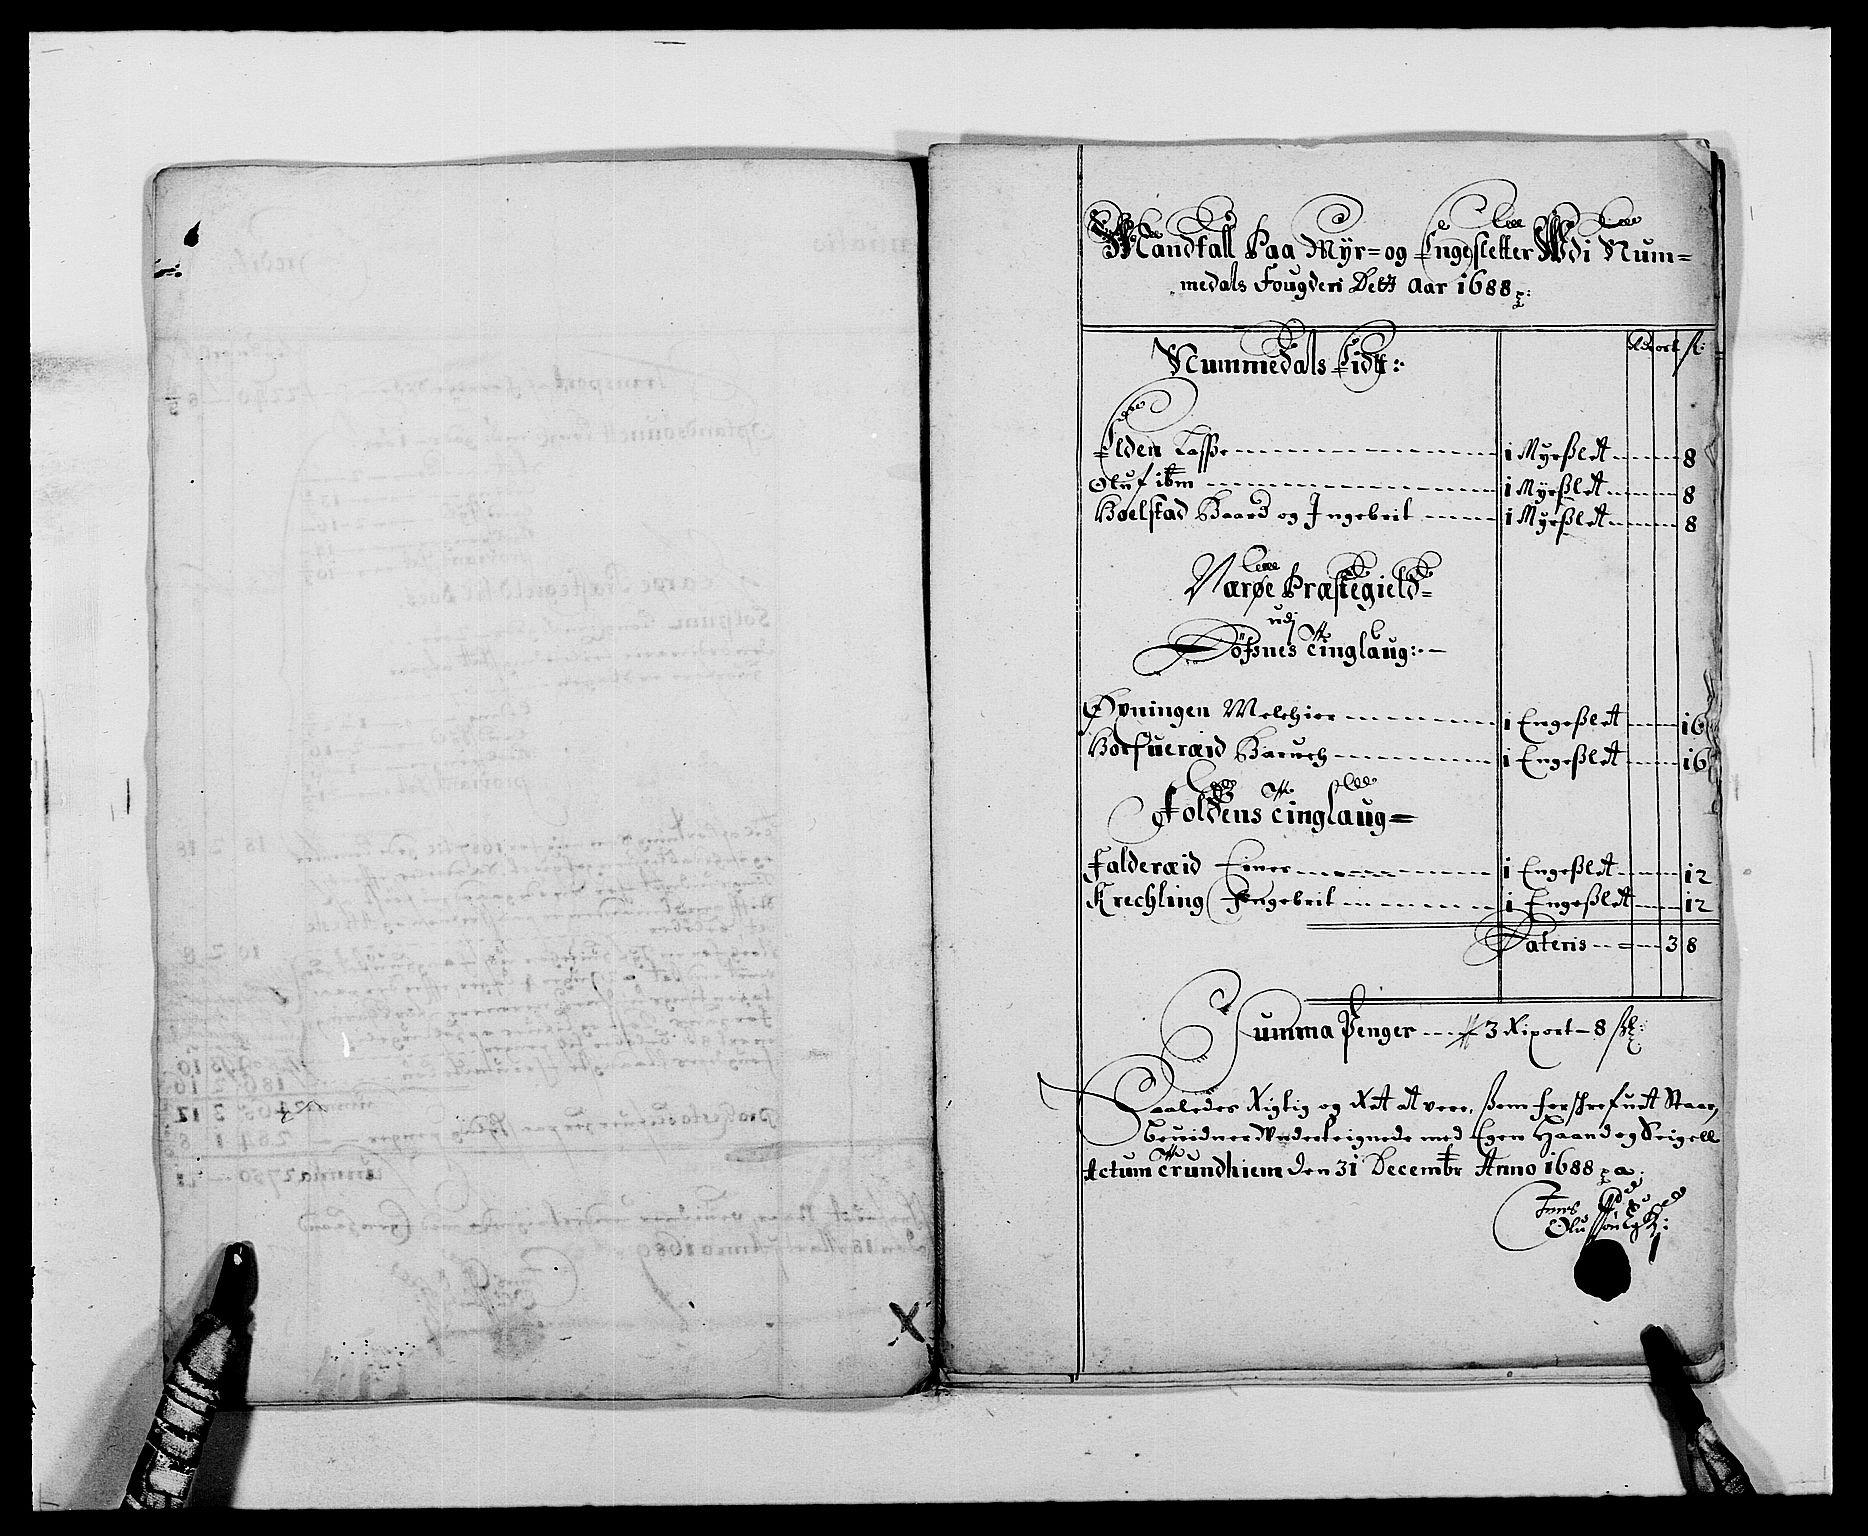 RA, Rentekammeret inntil 1814, Reviderte regnskaper, Fogderegnskap, R64/L4422: Fogderegnskap Namdal, 1687-1689, s. 100